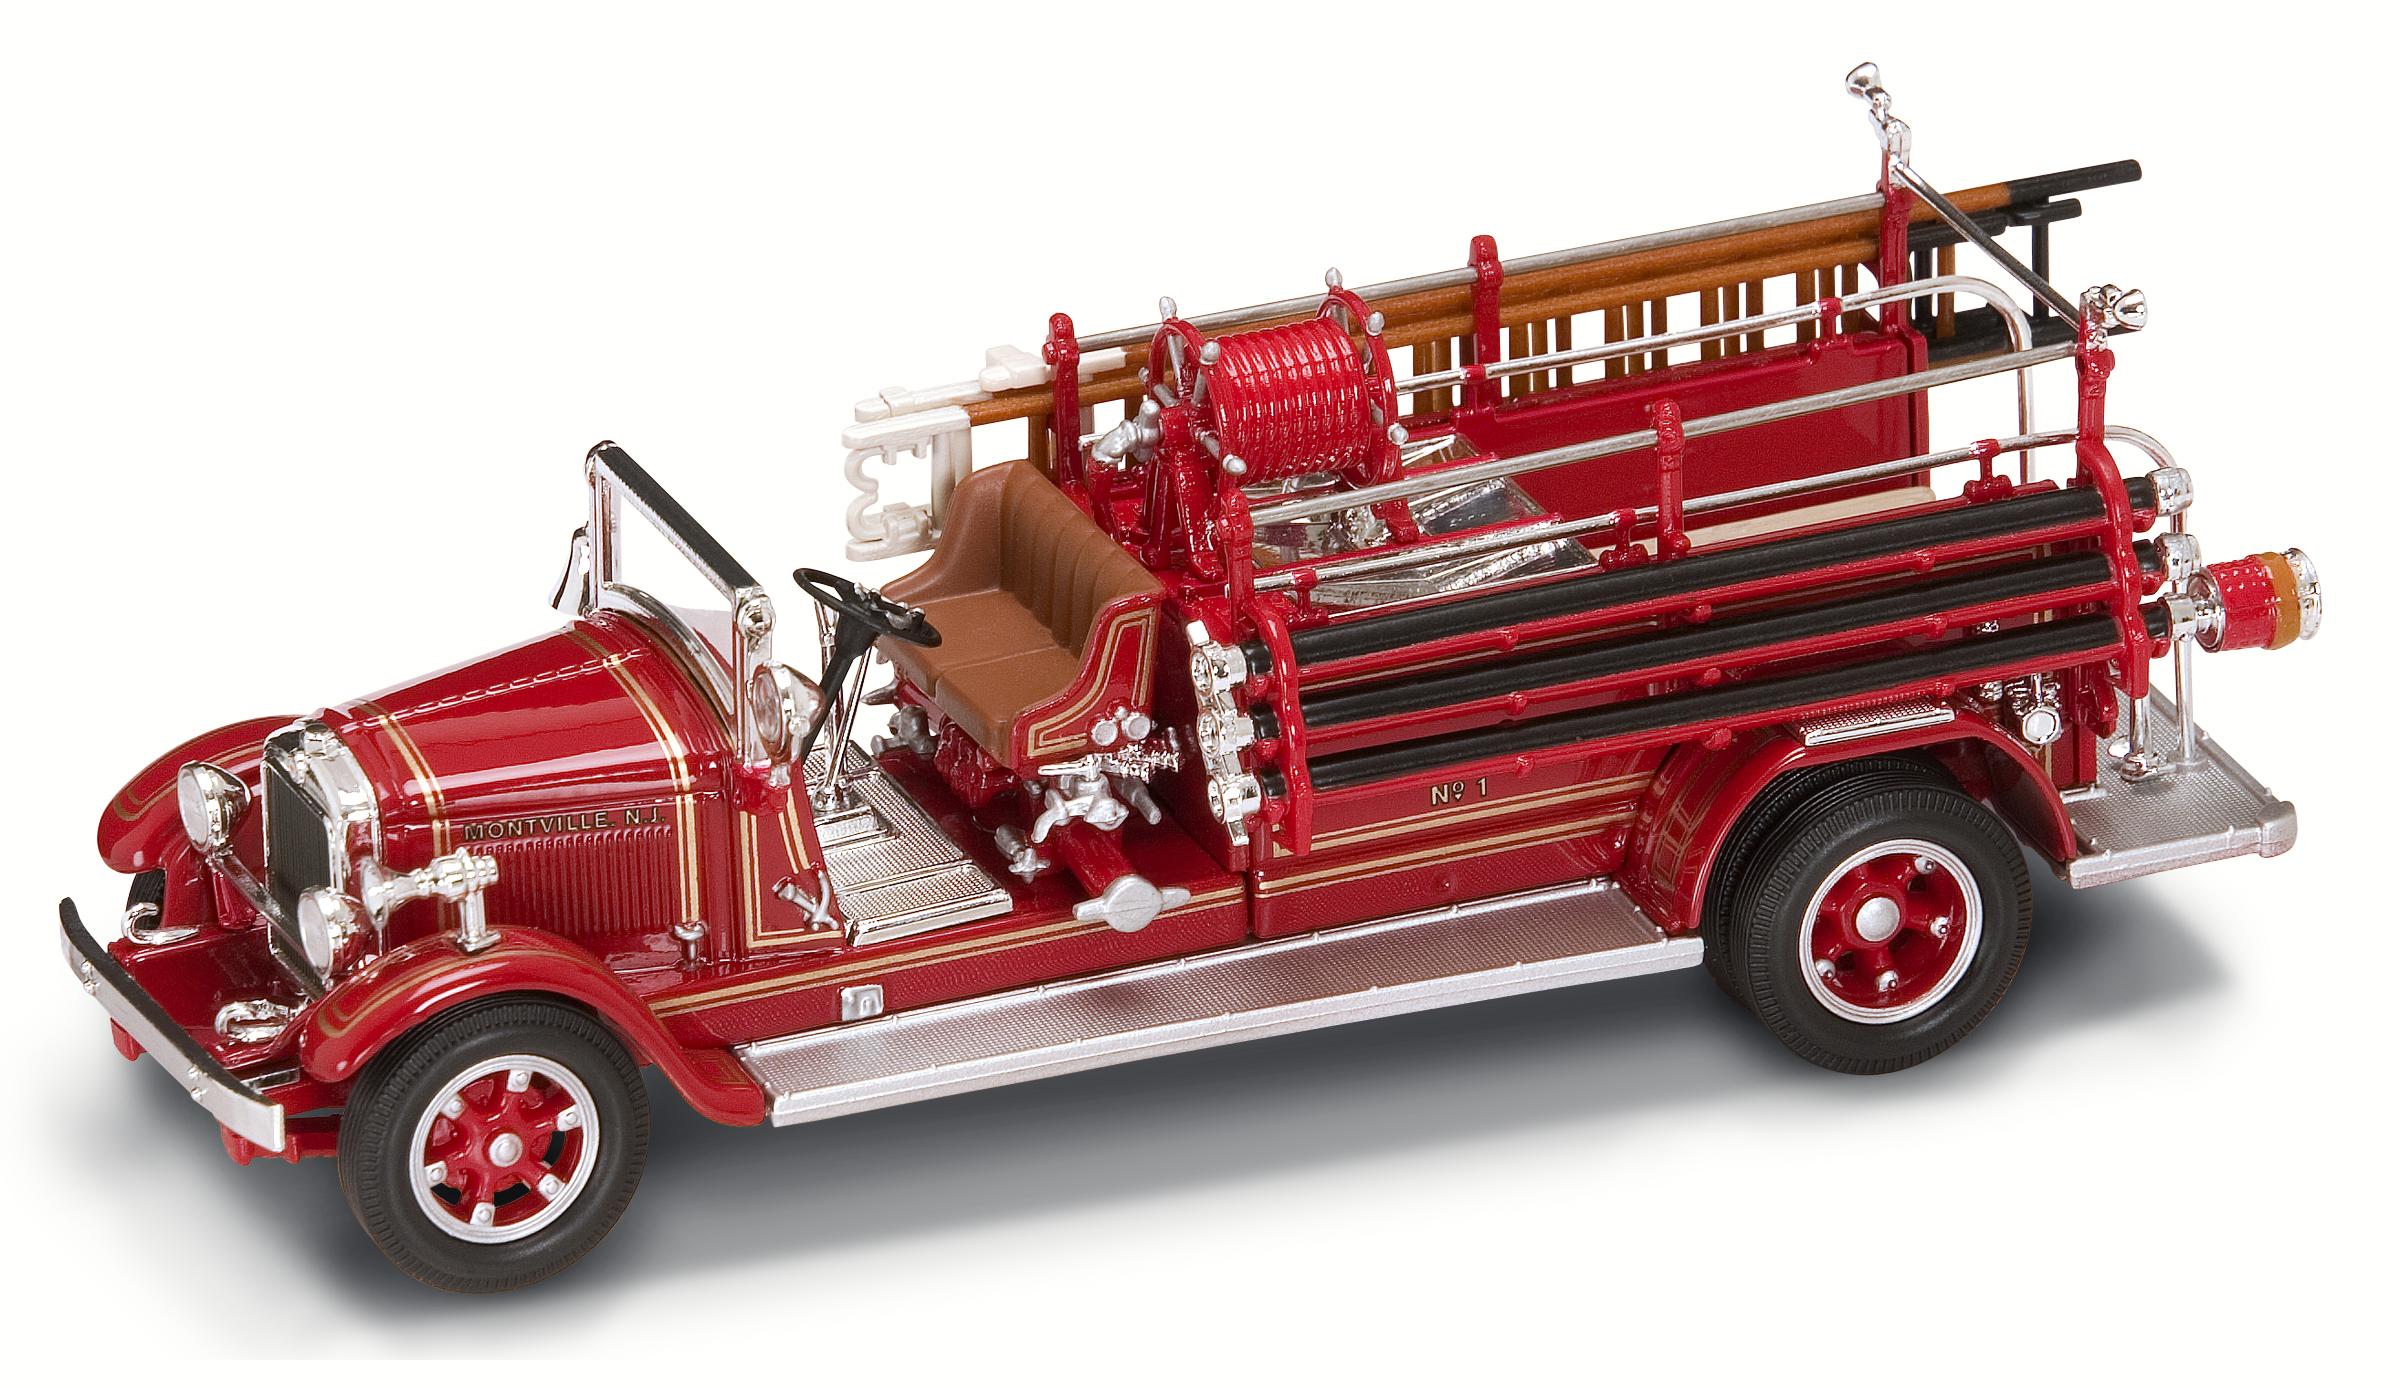 Модель пожарного автомобиля Буффало Тайп 50, образца 1932 года, масштаб 1/43Пожарная техника, машины<br>Модель пожарного автомобиля Буффало Тайп 50, образца 1932 года, масштаб 1/43<br>